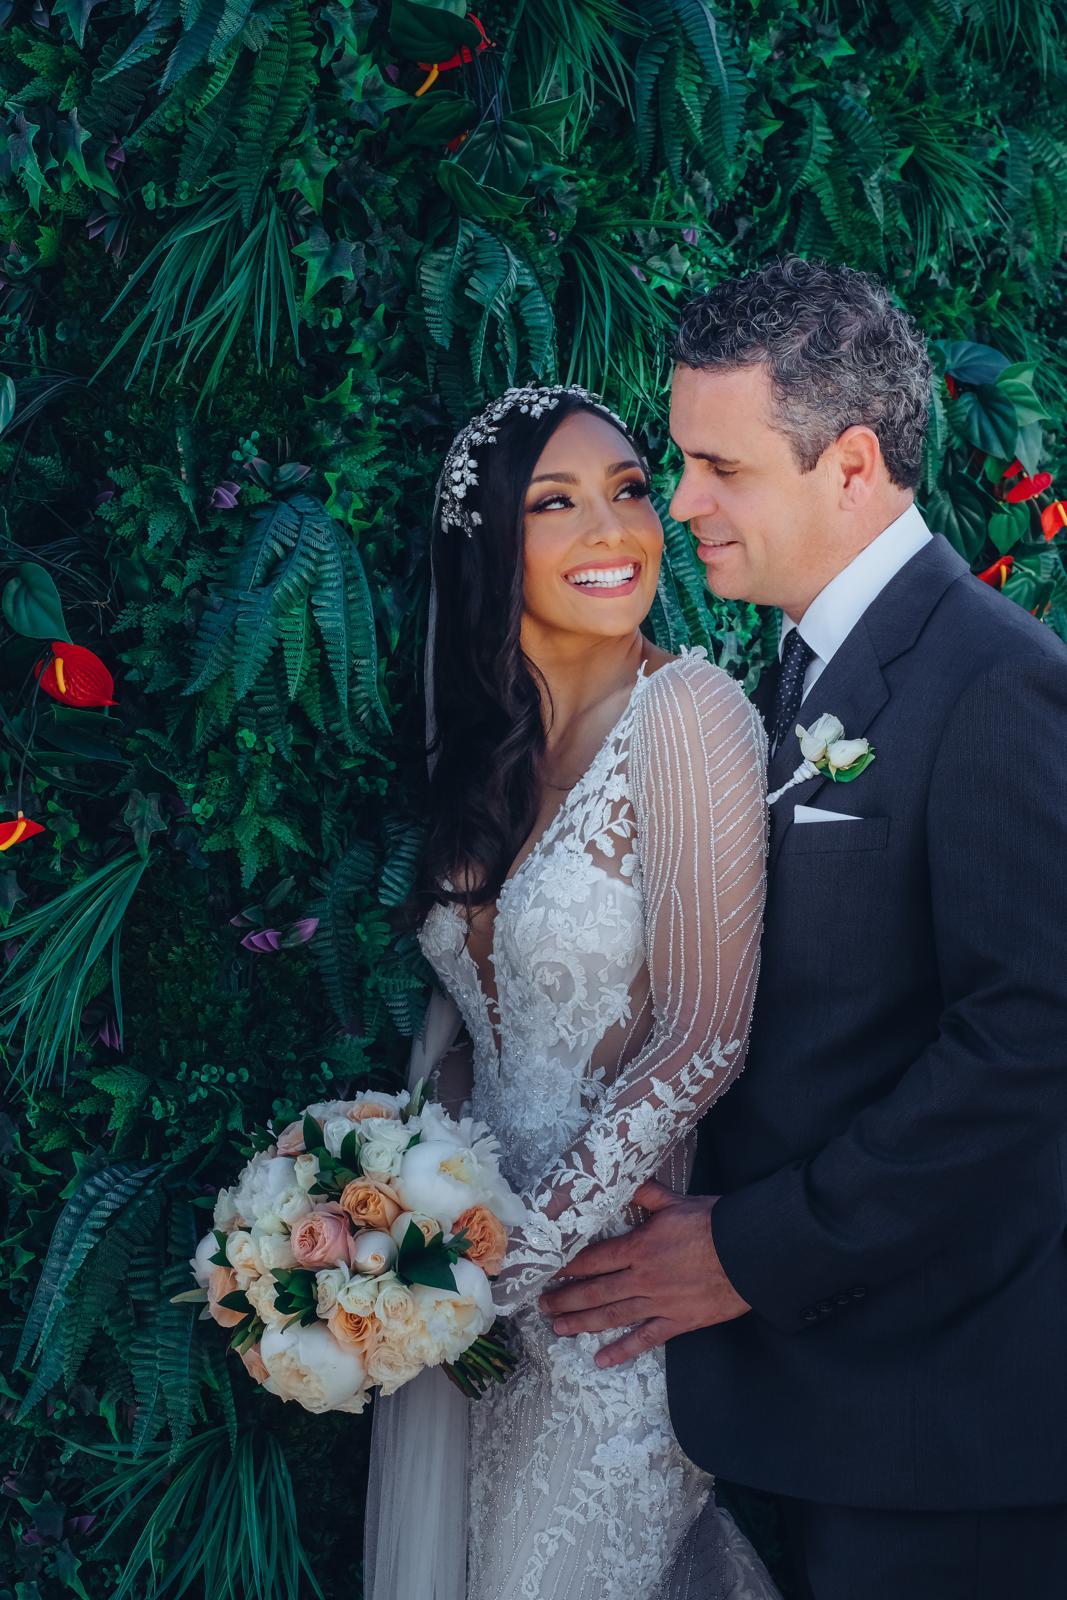 Nicole y Roberto pasarán su luna de miel en Argentina. (Foto: Emilio Leon Photography)